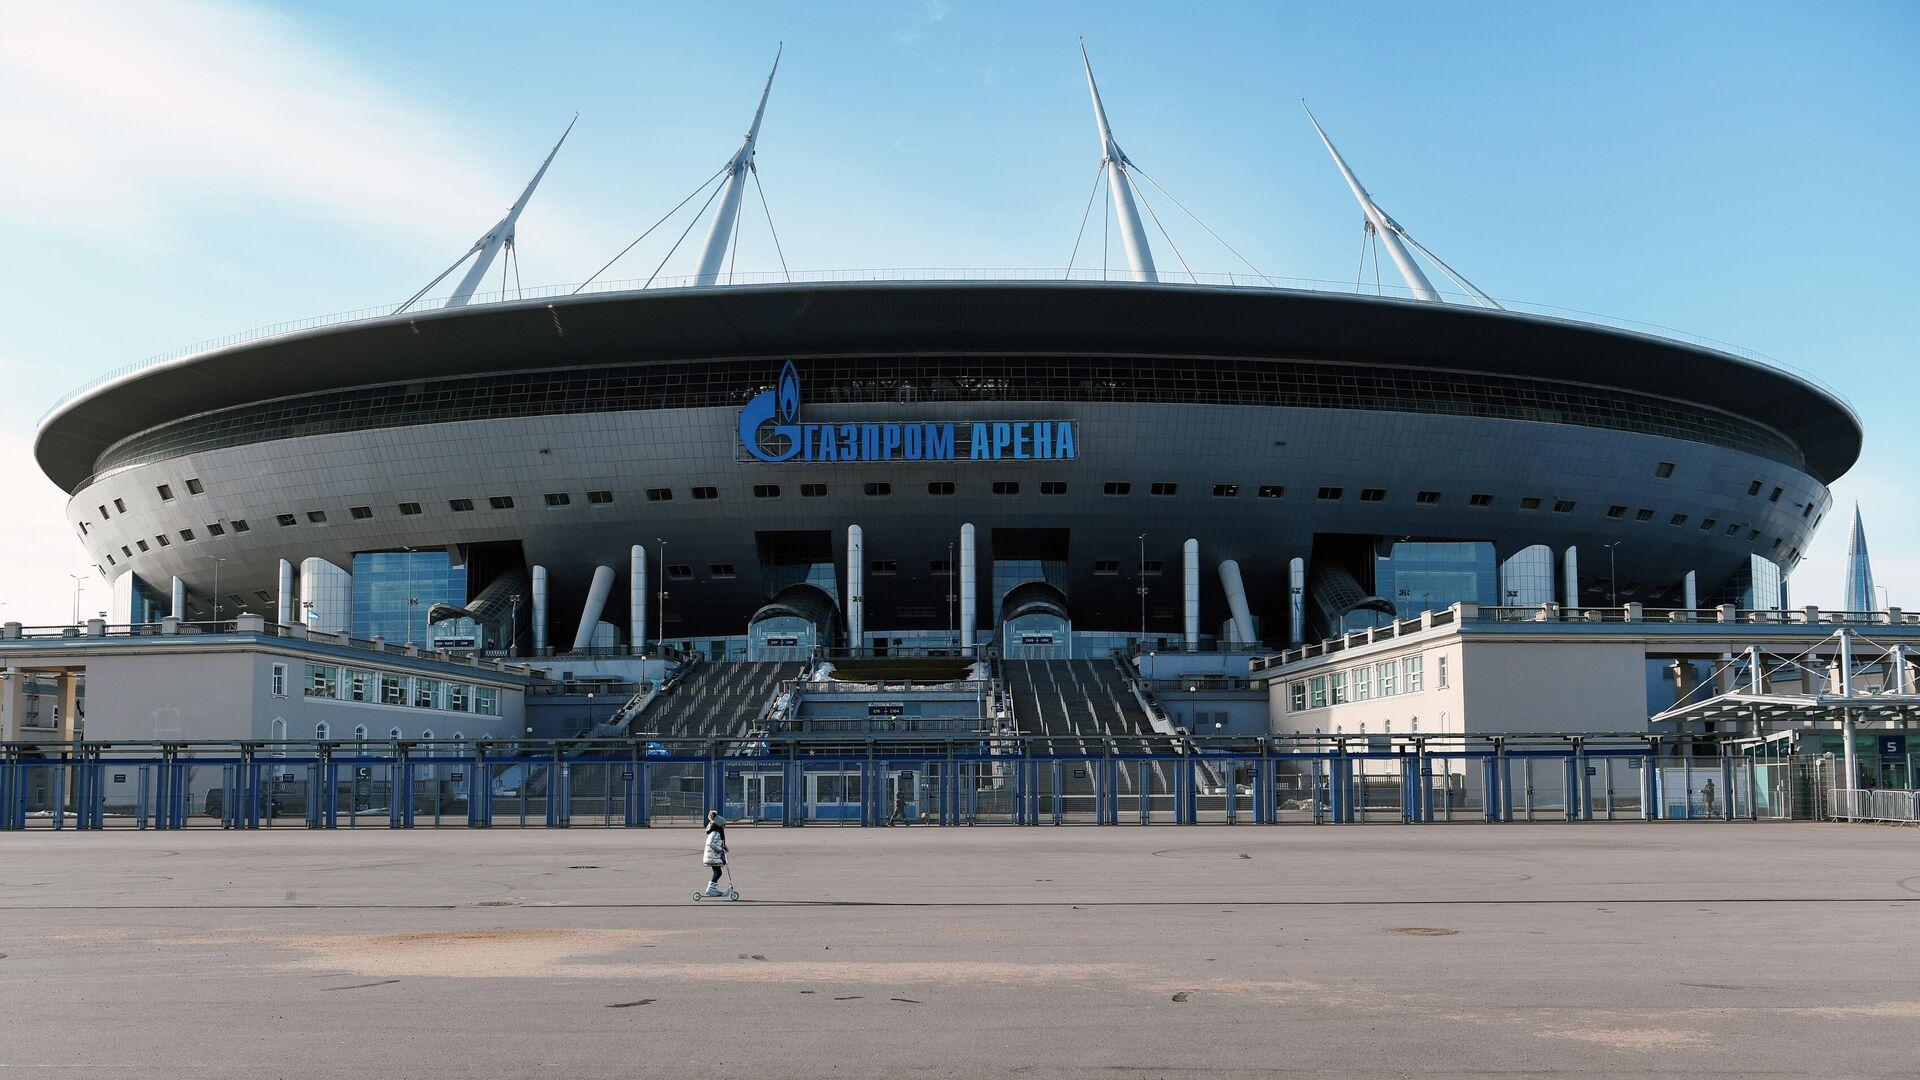 Стадион Газпром-Арена в Санкт-Петербурге - РИА Новости, 1920, 03.08.2021